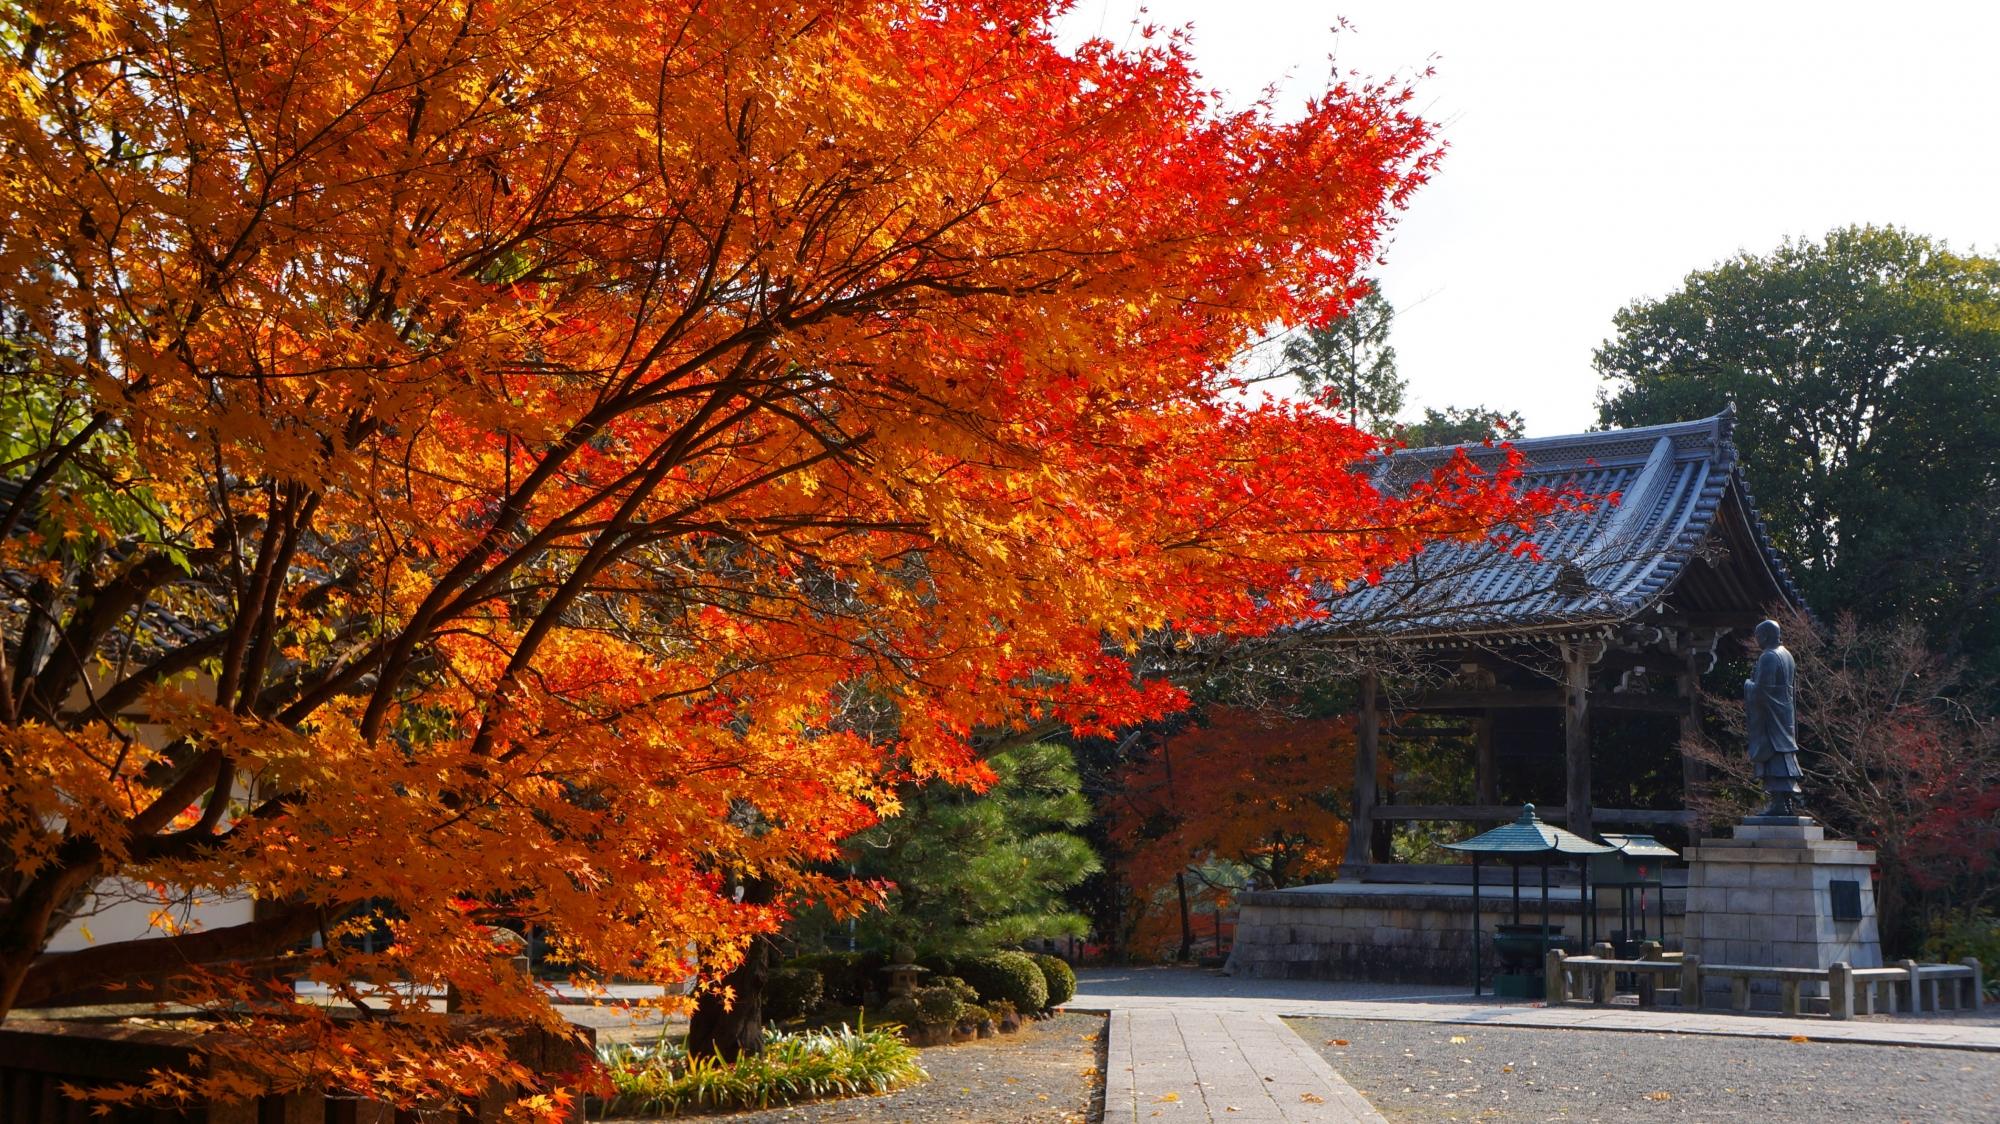 光明寺の鐘楼と法然上人像を彩る紅葉